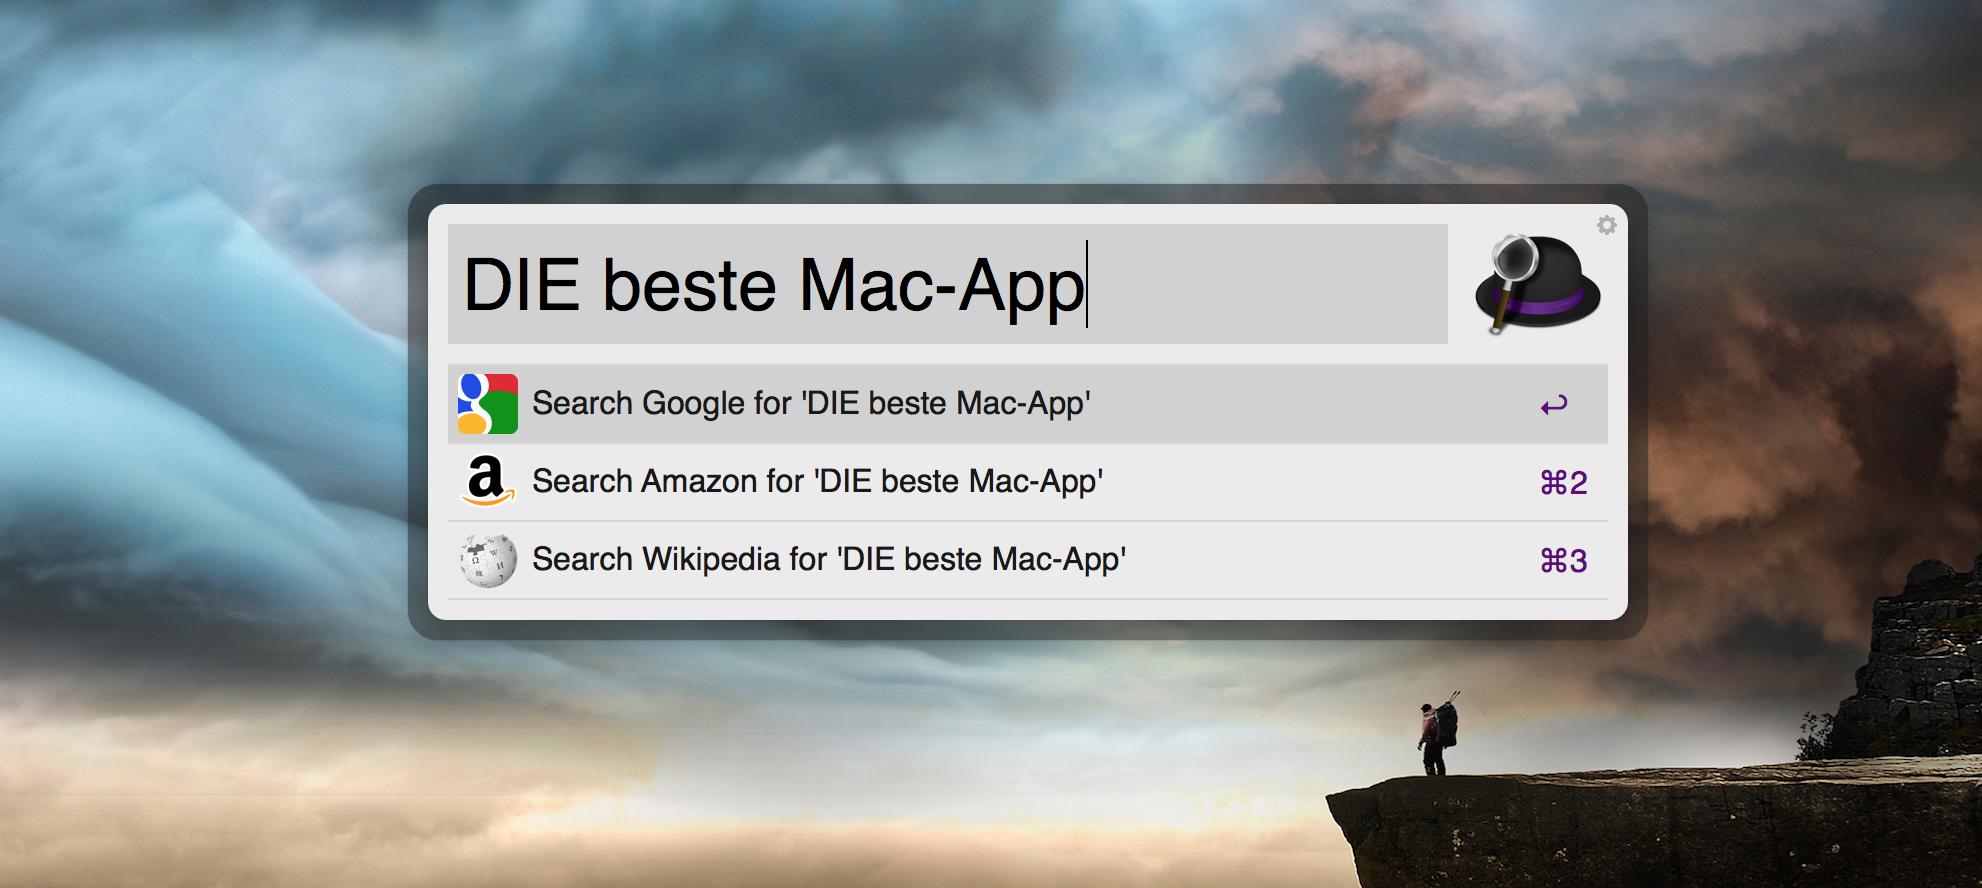 Alfred: Die wohl beste Mac-App